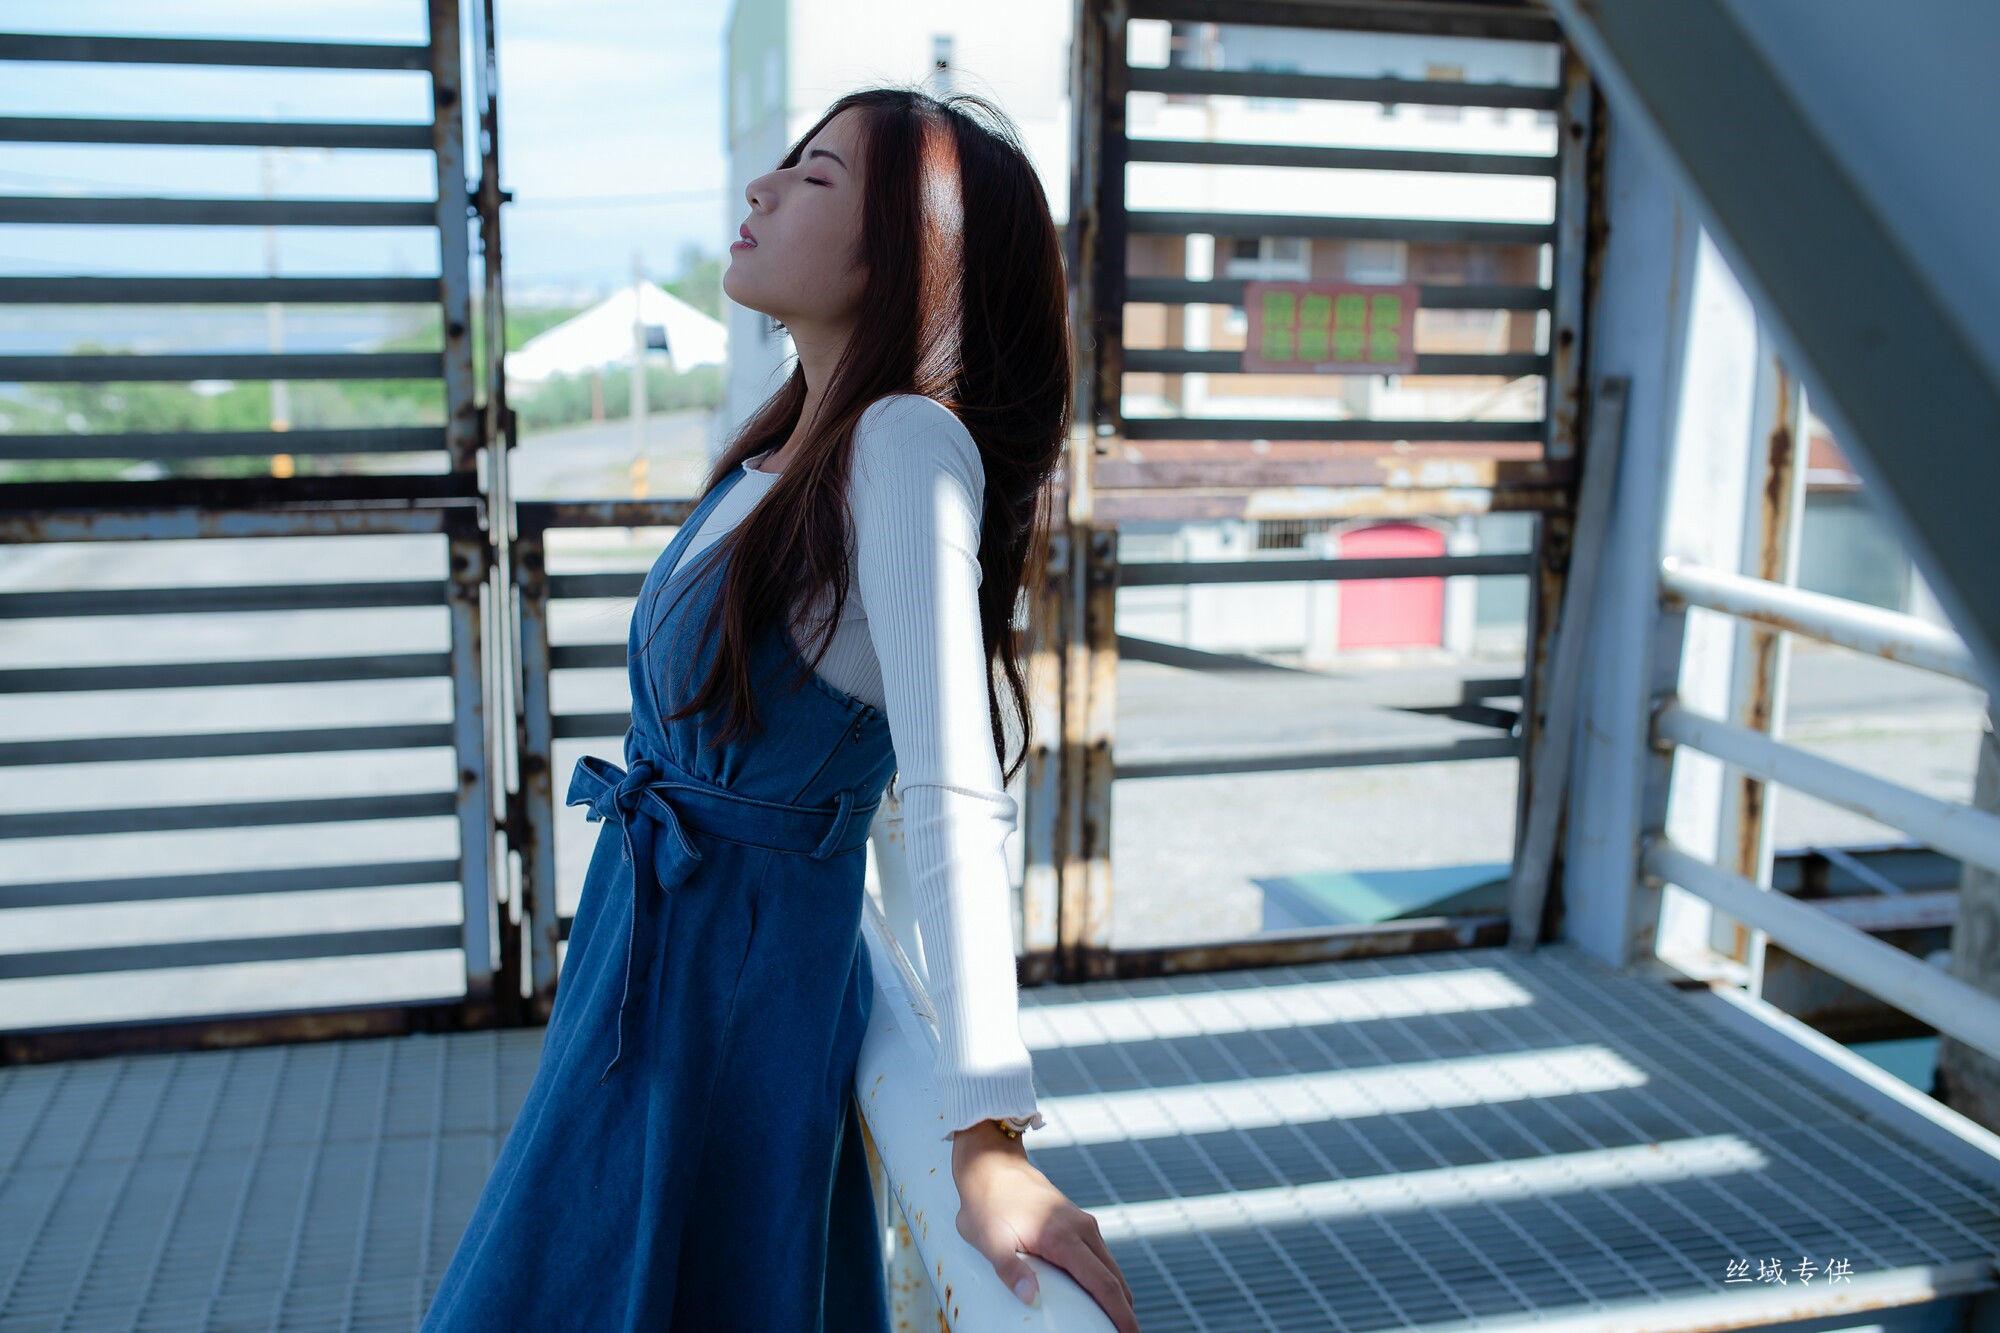 VOL.1483 [台湾正妹]长裙清纯高贵优雅美女:方唯真(Chubby唯真)超高清个人性感漂亮大图(55P)